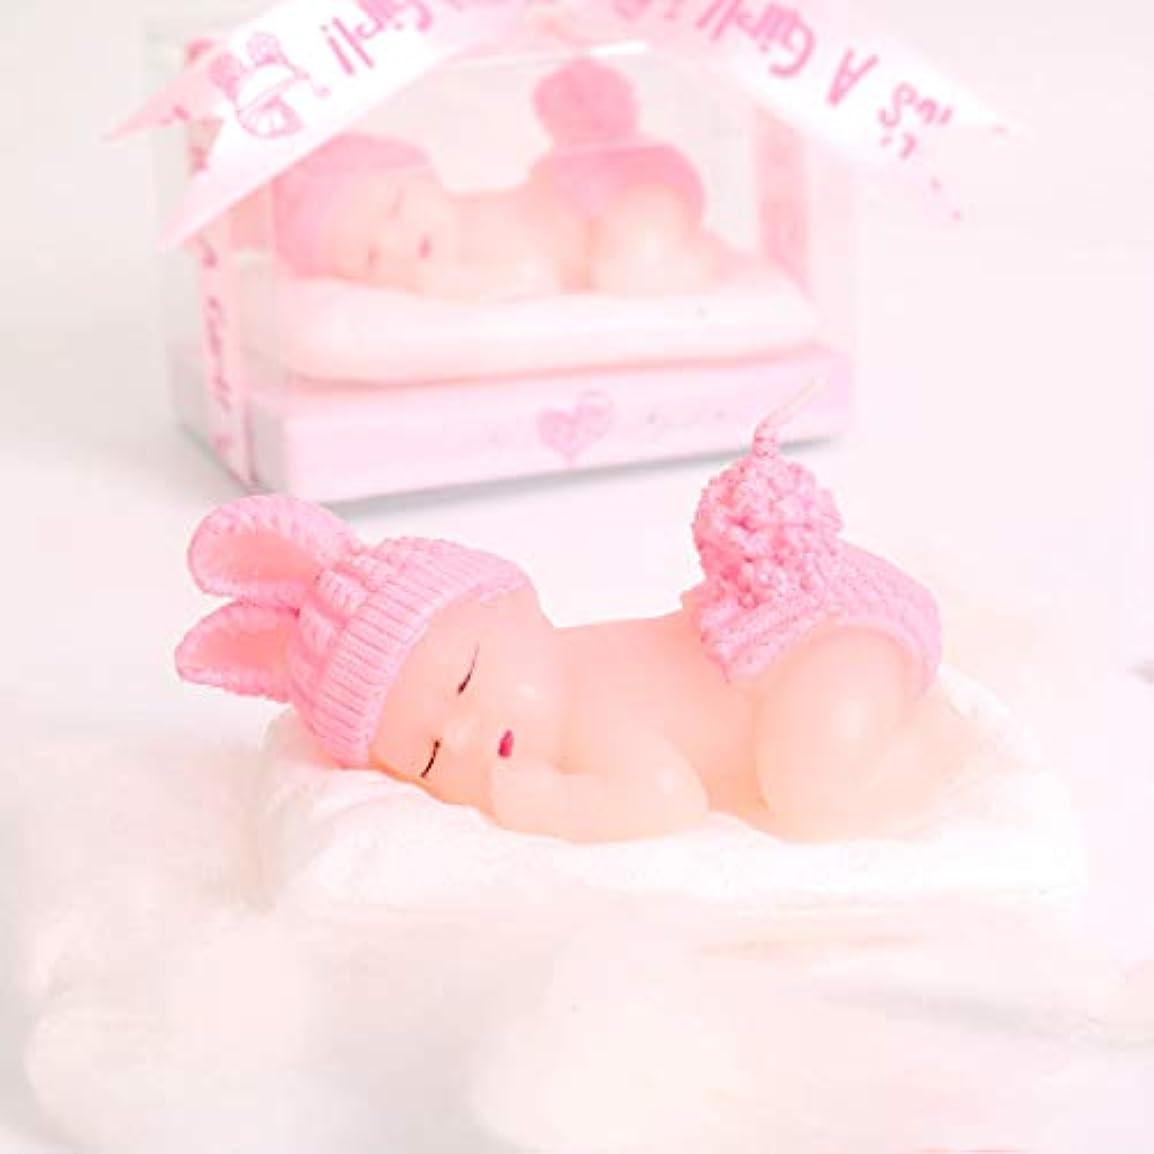 第五庭園契約するAixiang 12パックキュートミニハンドメイドSmokeless Scented Candle Gift Boxedゲスト記念品ギフト、ベビーシャワーパーティーFavors用デコレーション 12 Pack